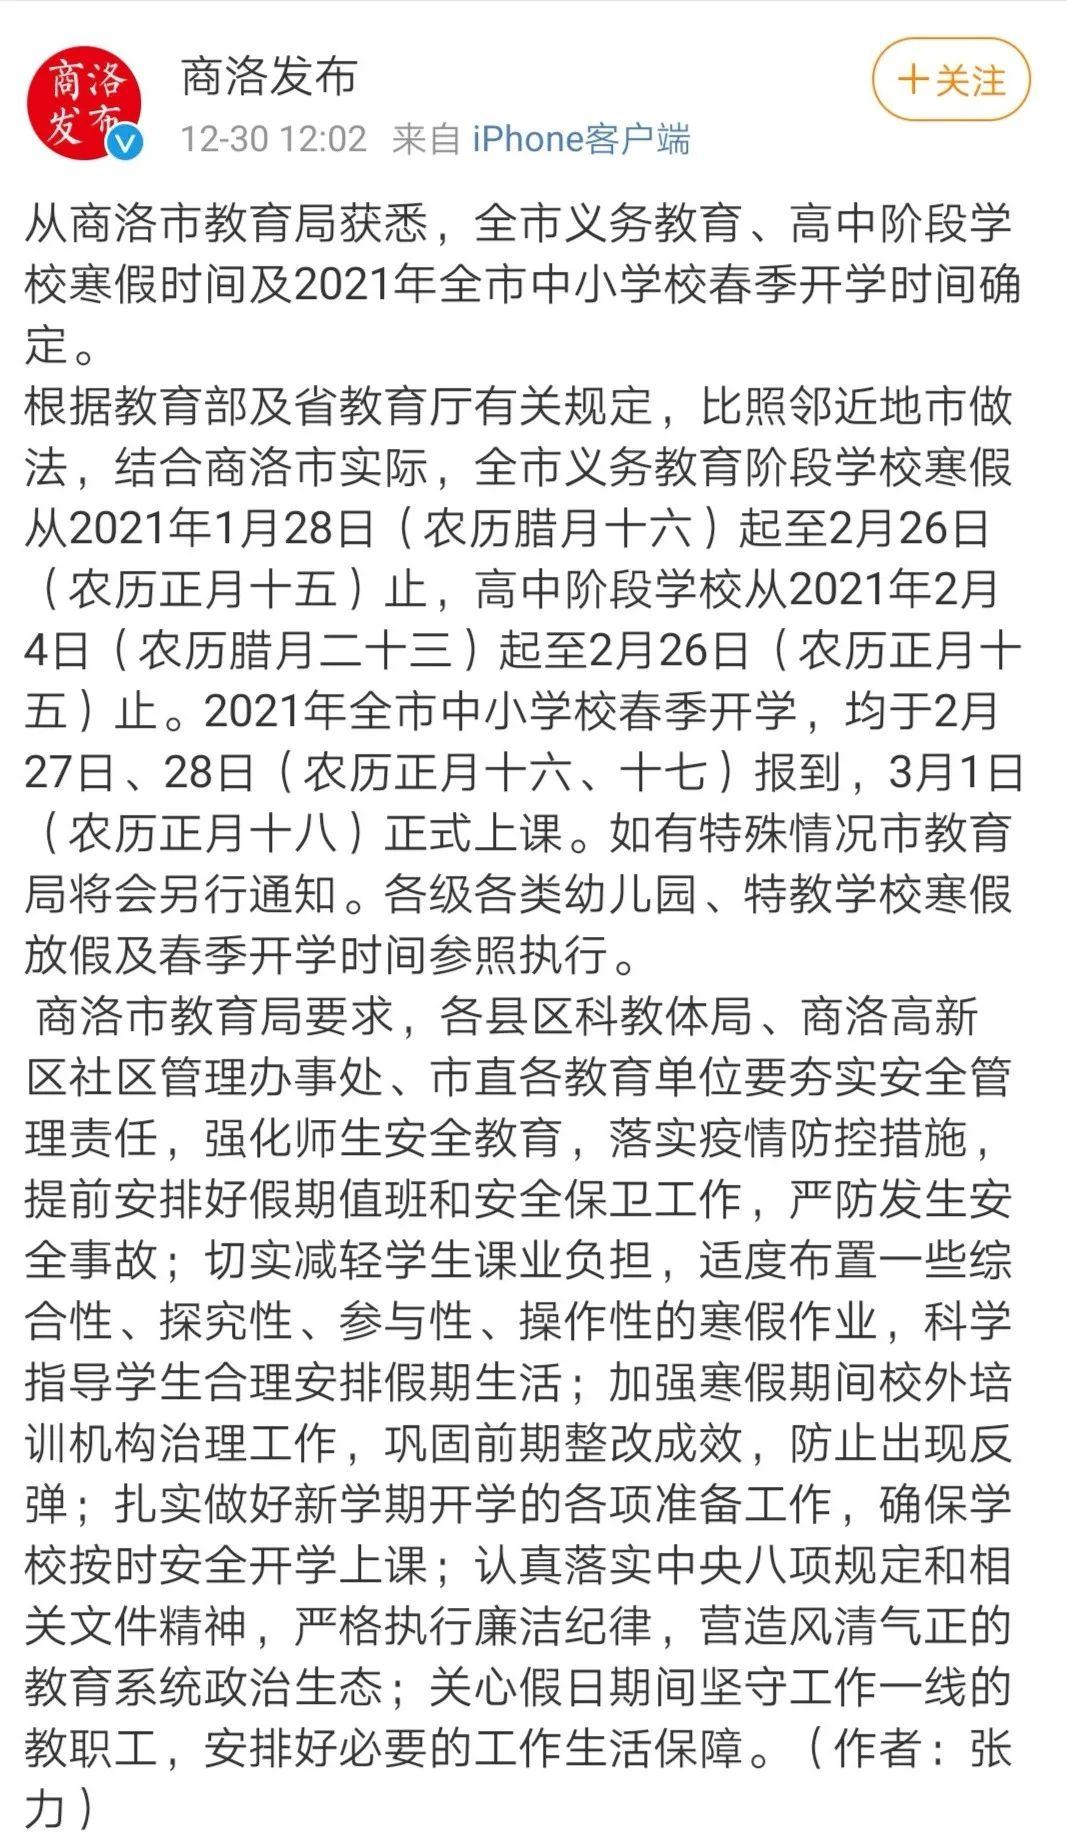 陕西8市中小学寒假时间、开学时间公布……